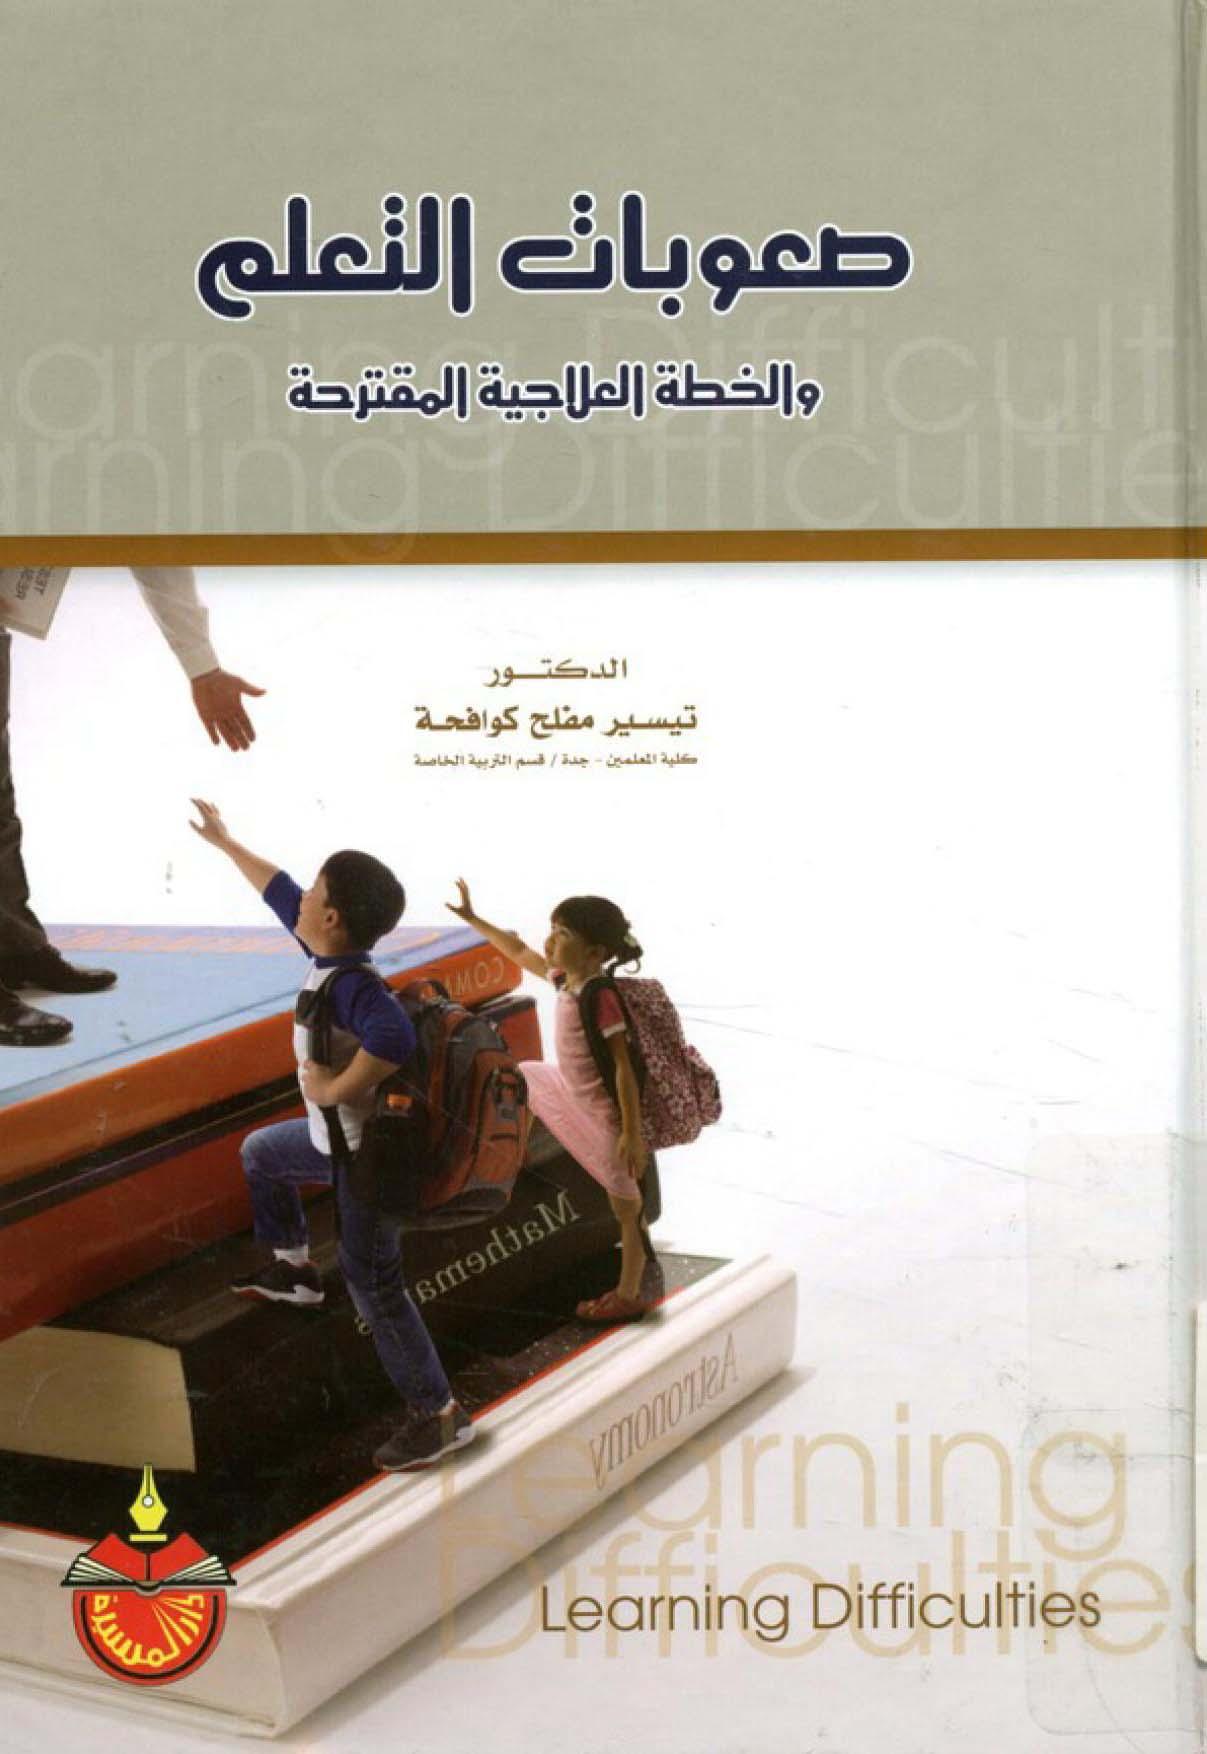 تحميل كتاب عرب 101